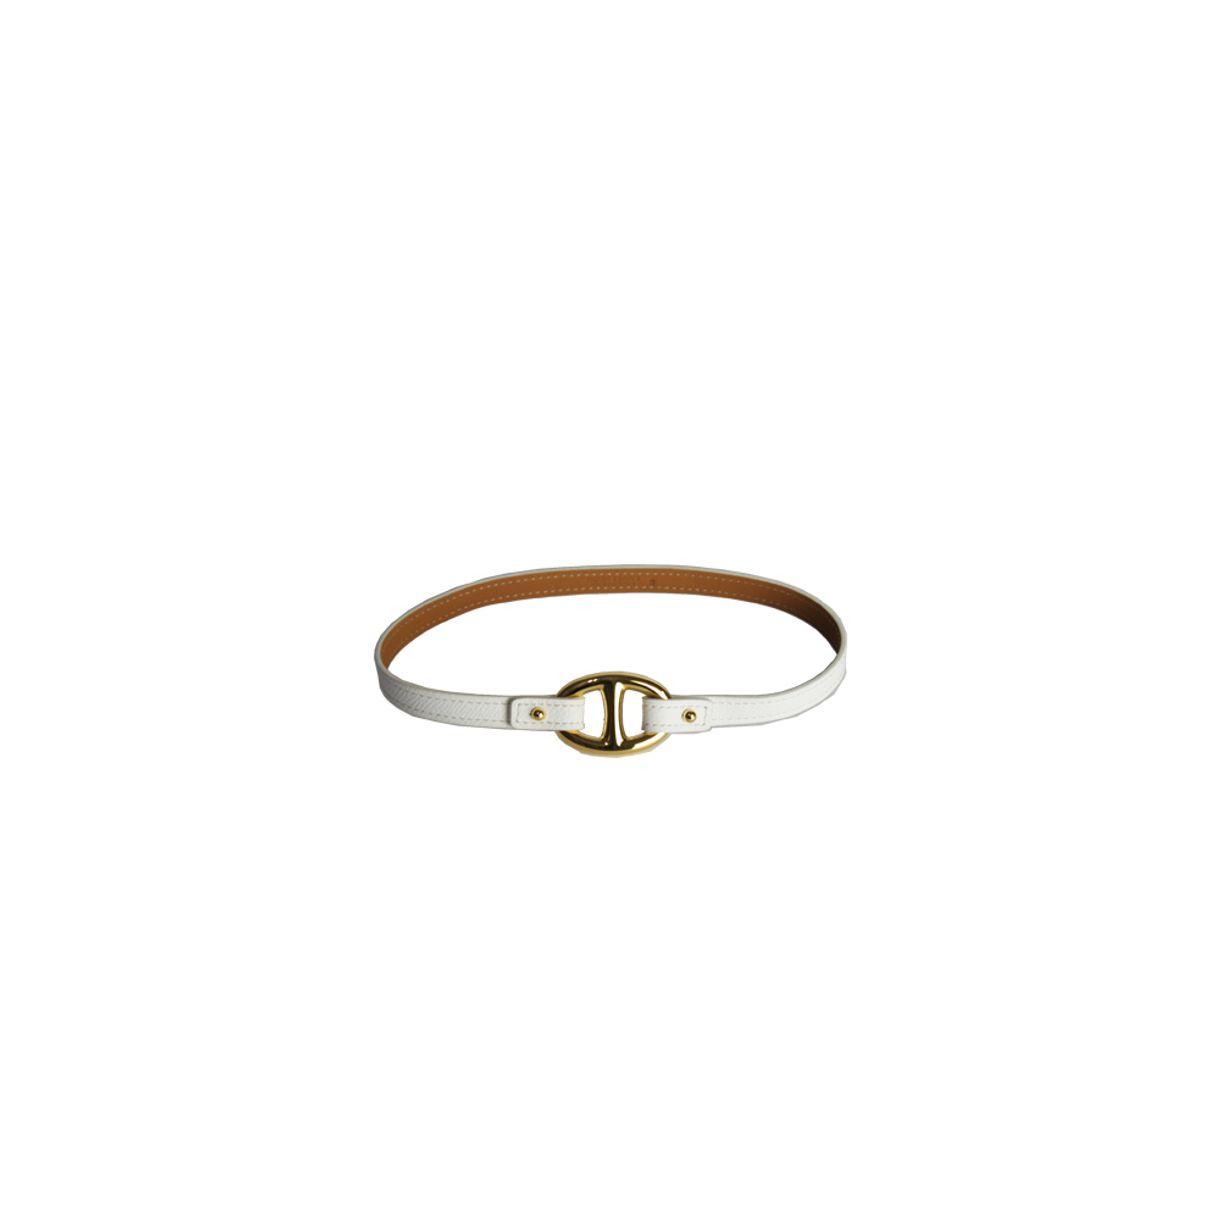 abfc38fa7a1d4 Pulseira Hermes Granville Leather Bracelet Branca